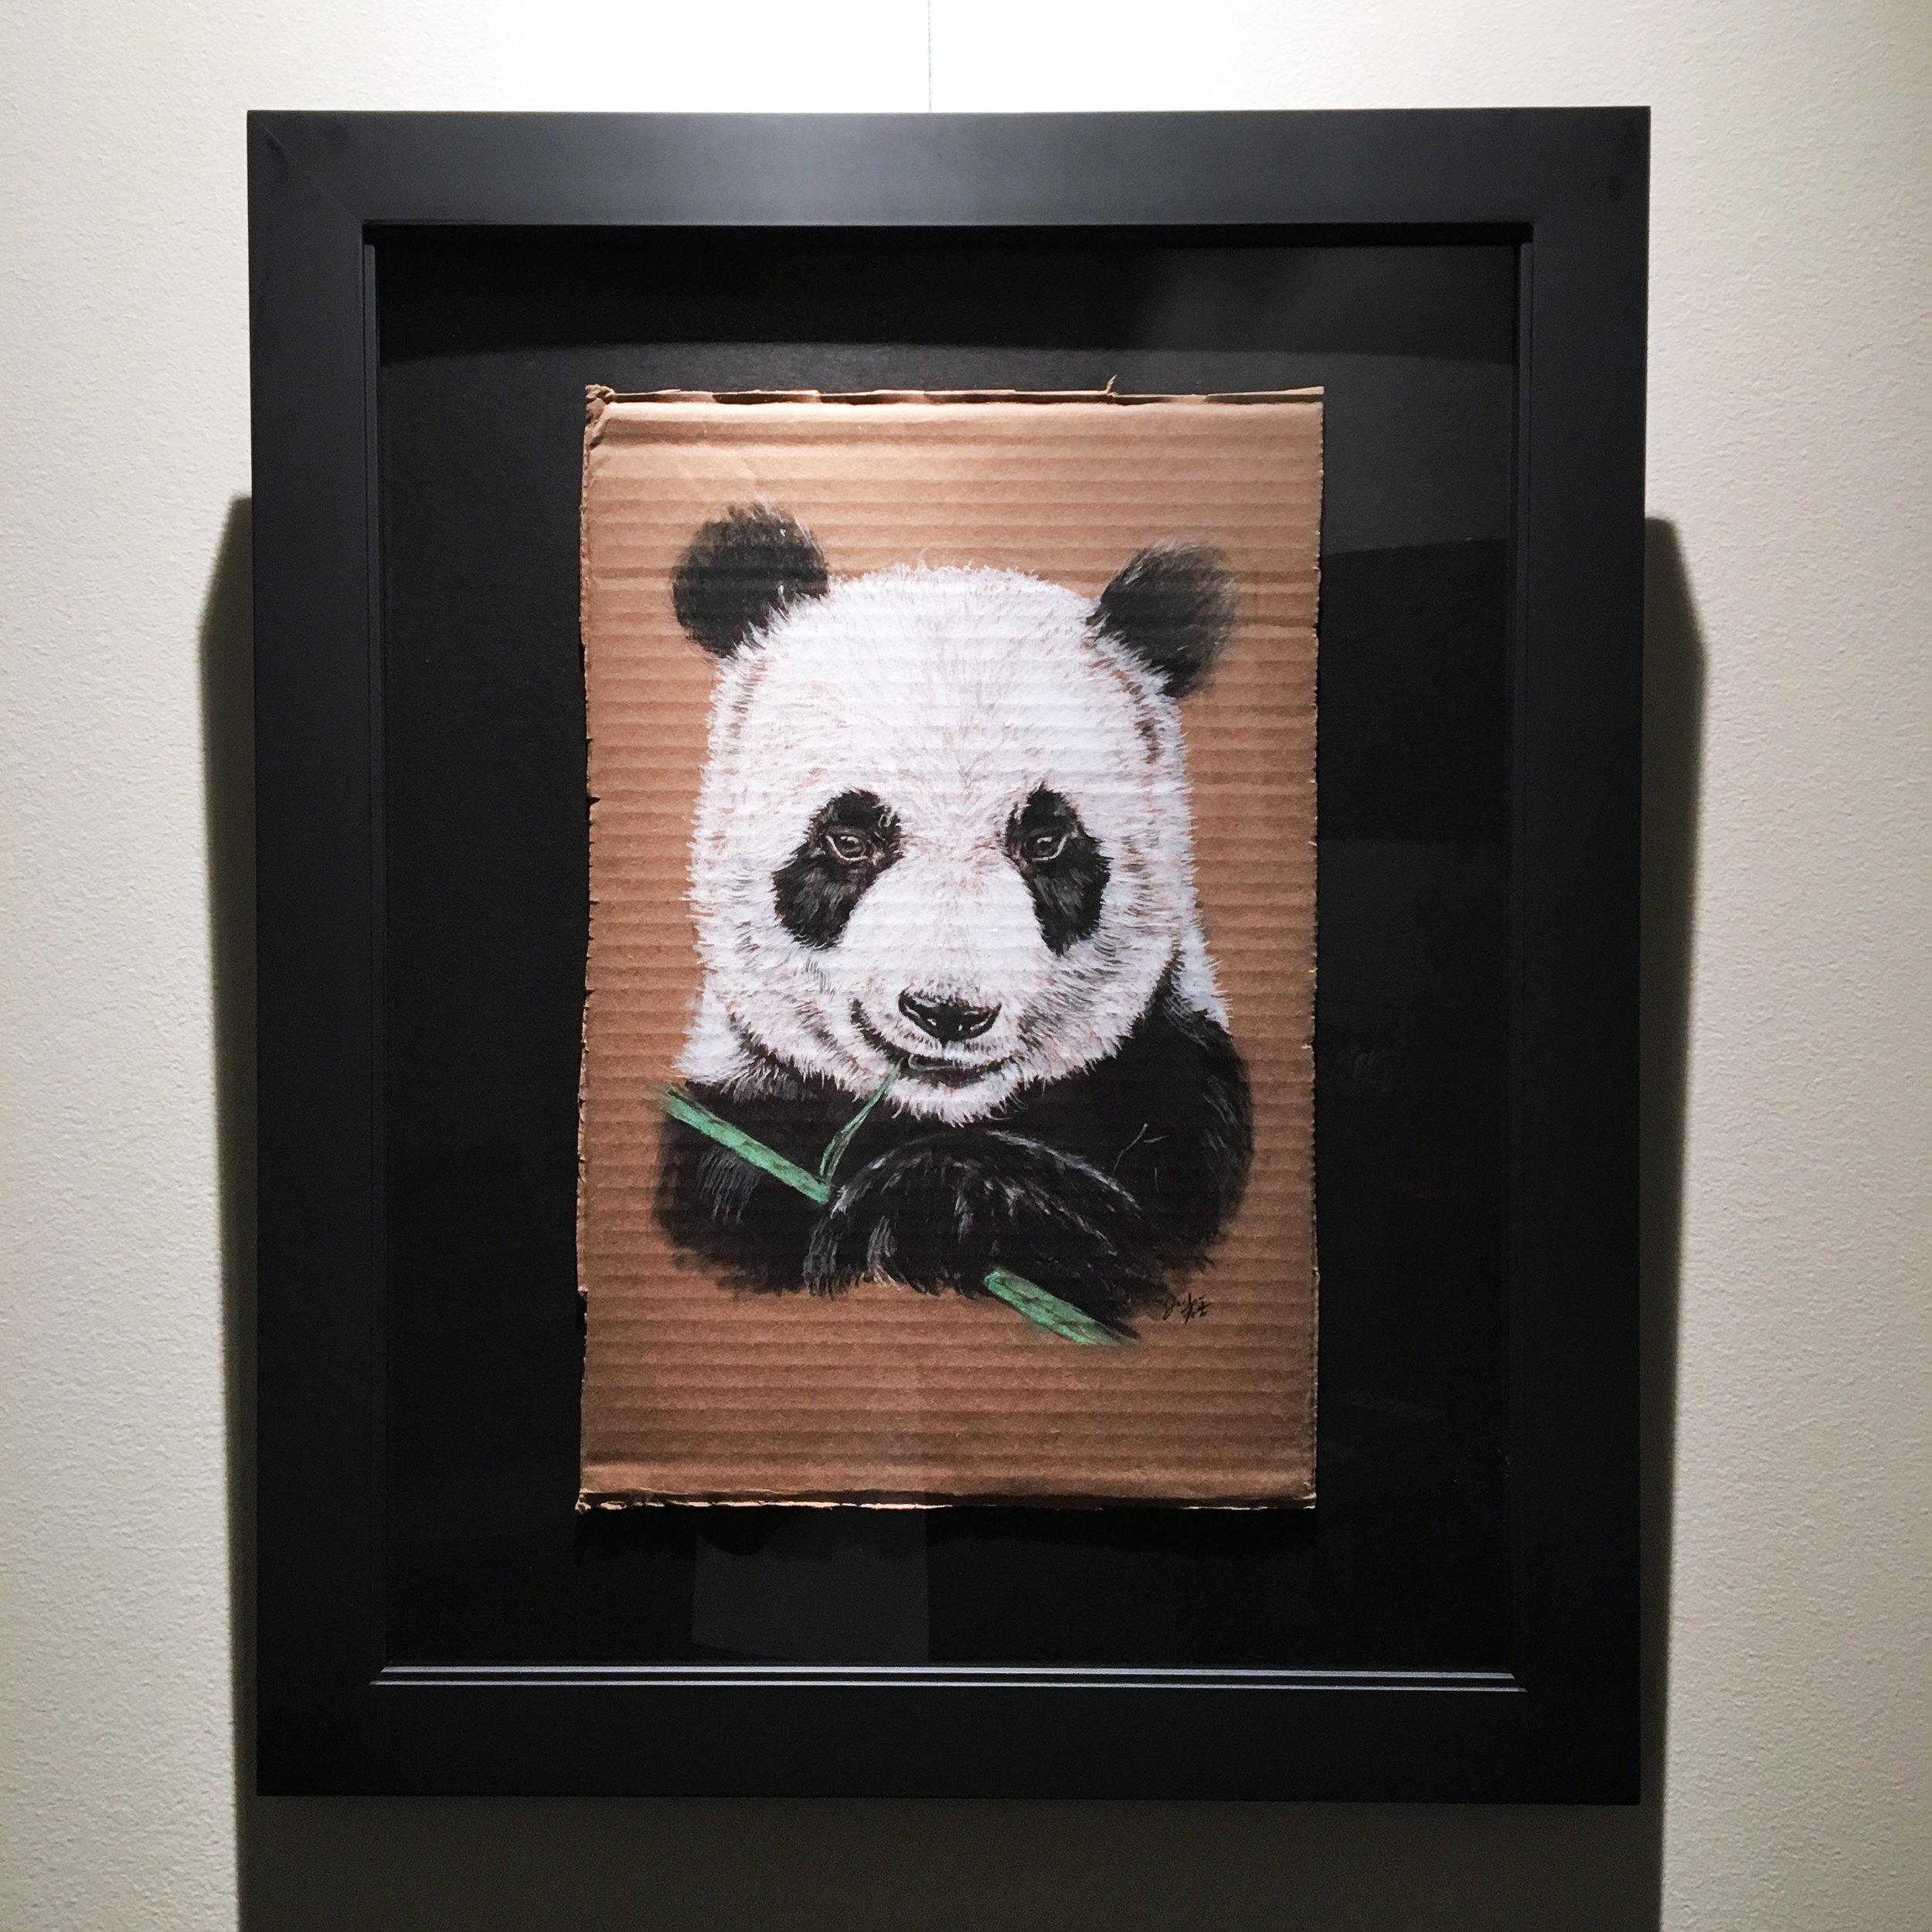 cardboard-art-charcoal-panda-by-jordan-fretz-3.jpg